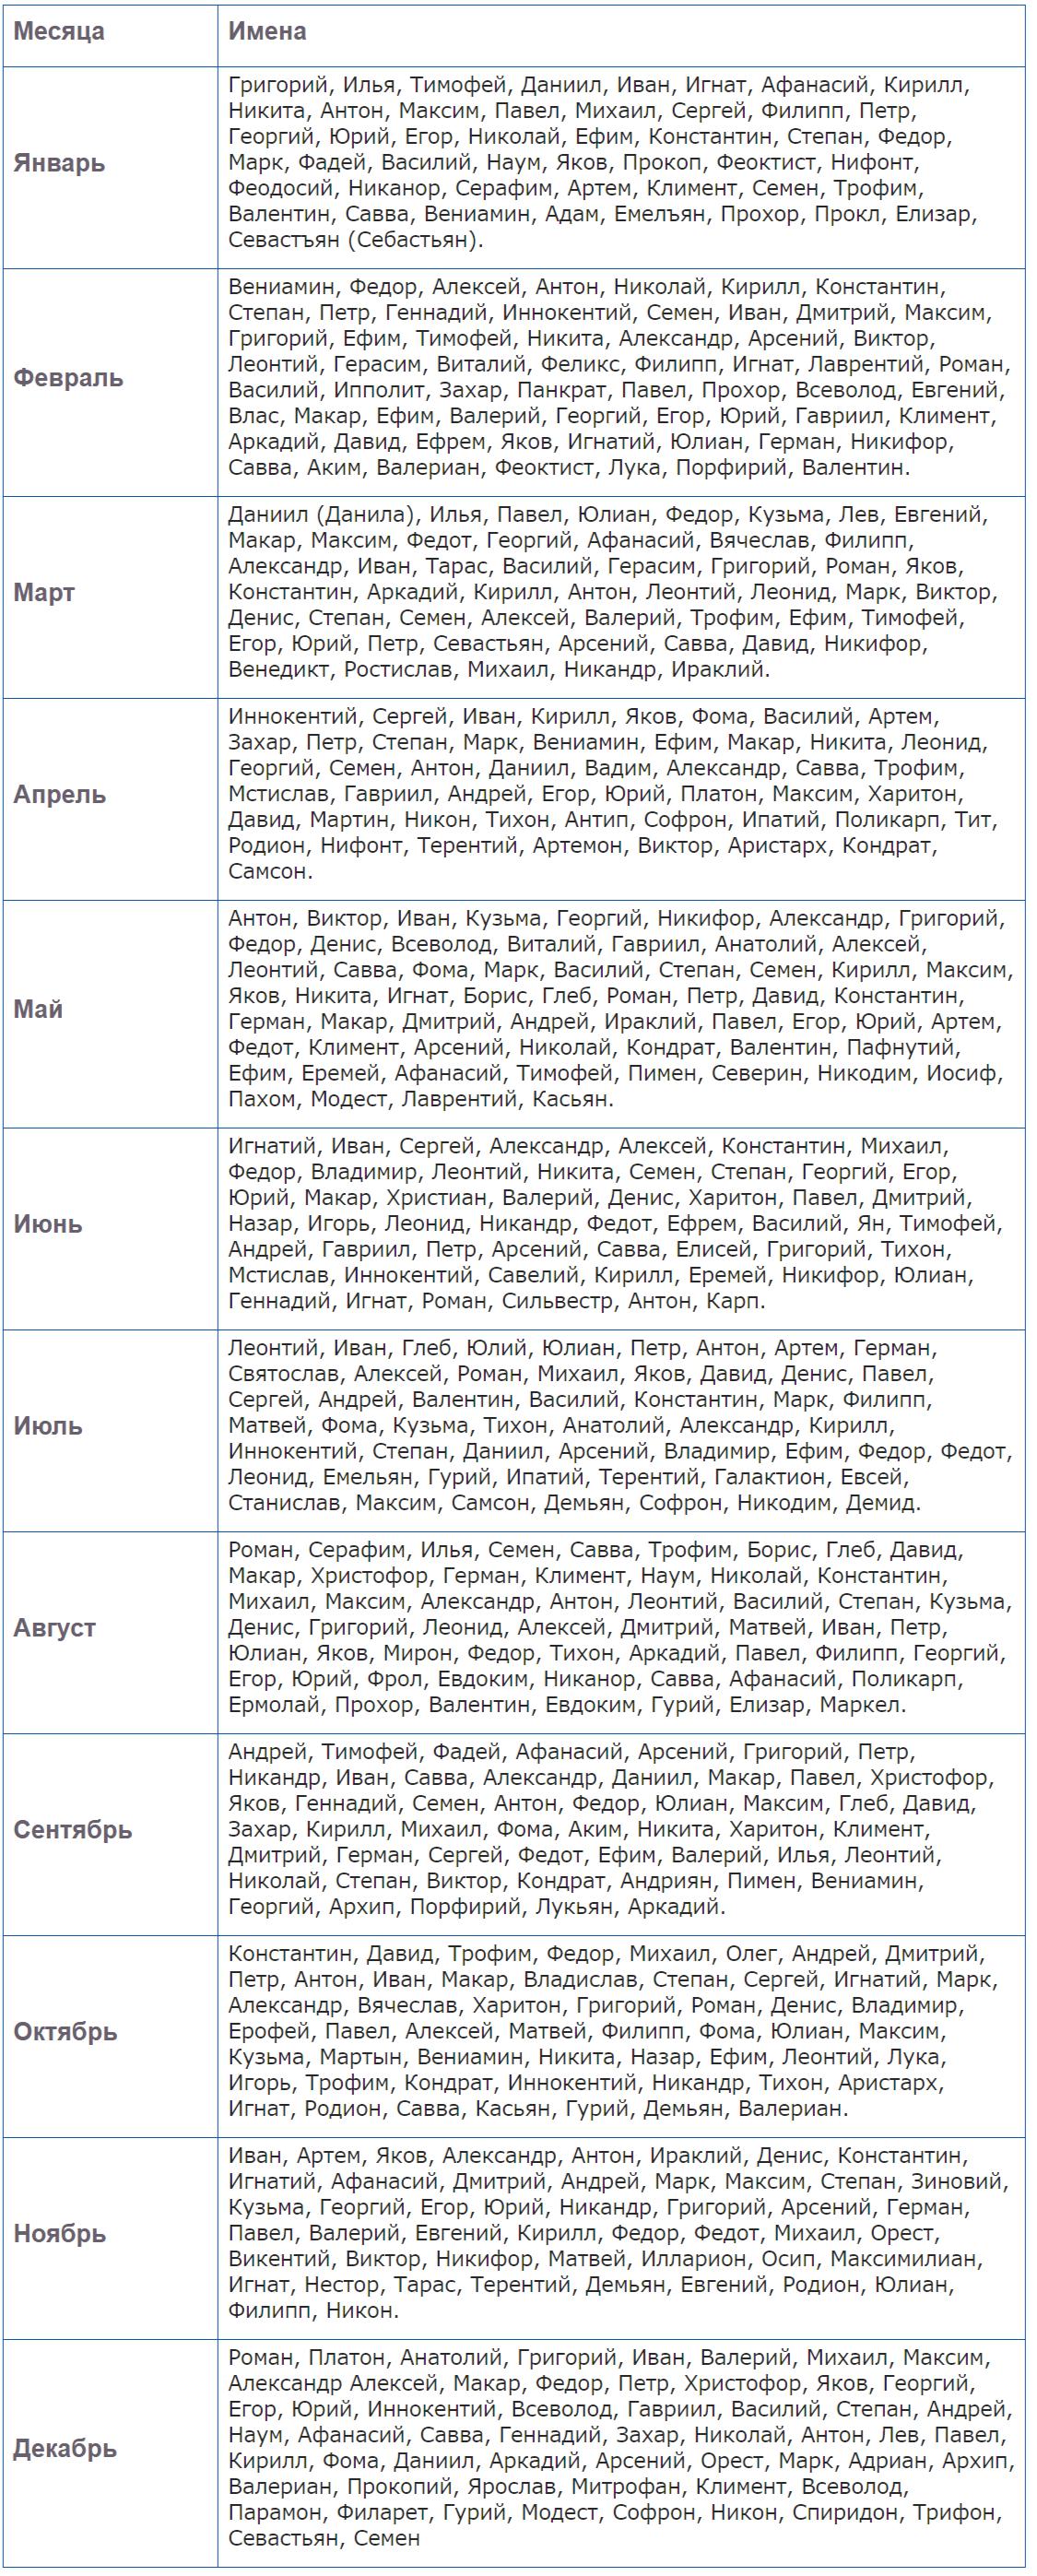 мужские церковные имена